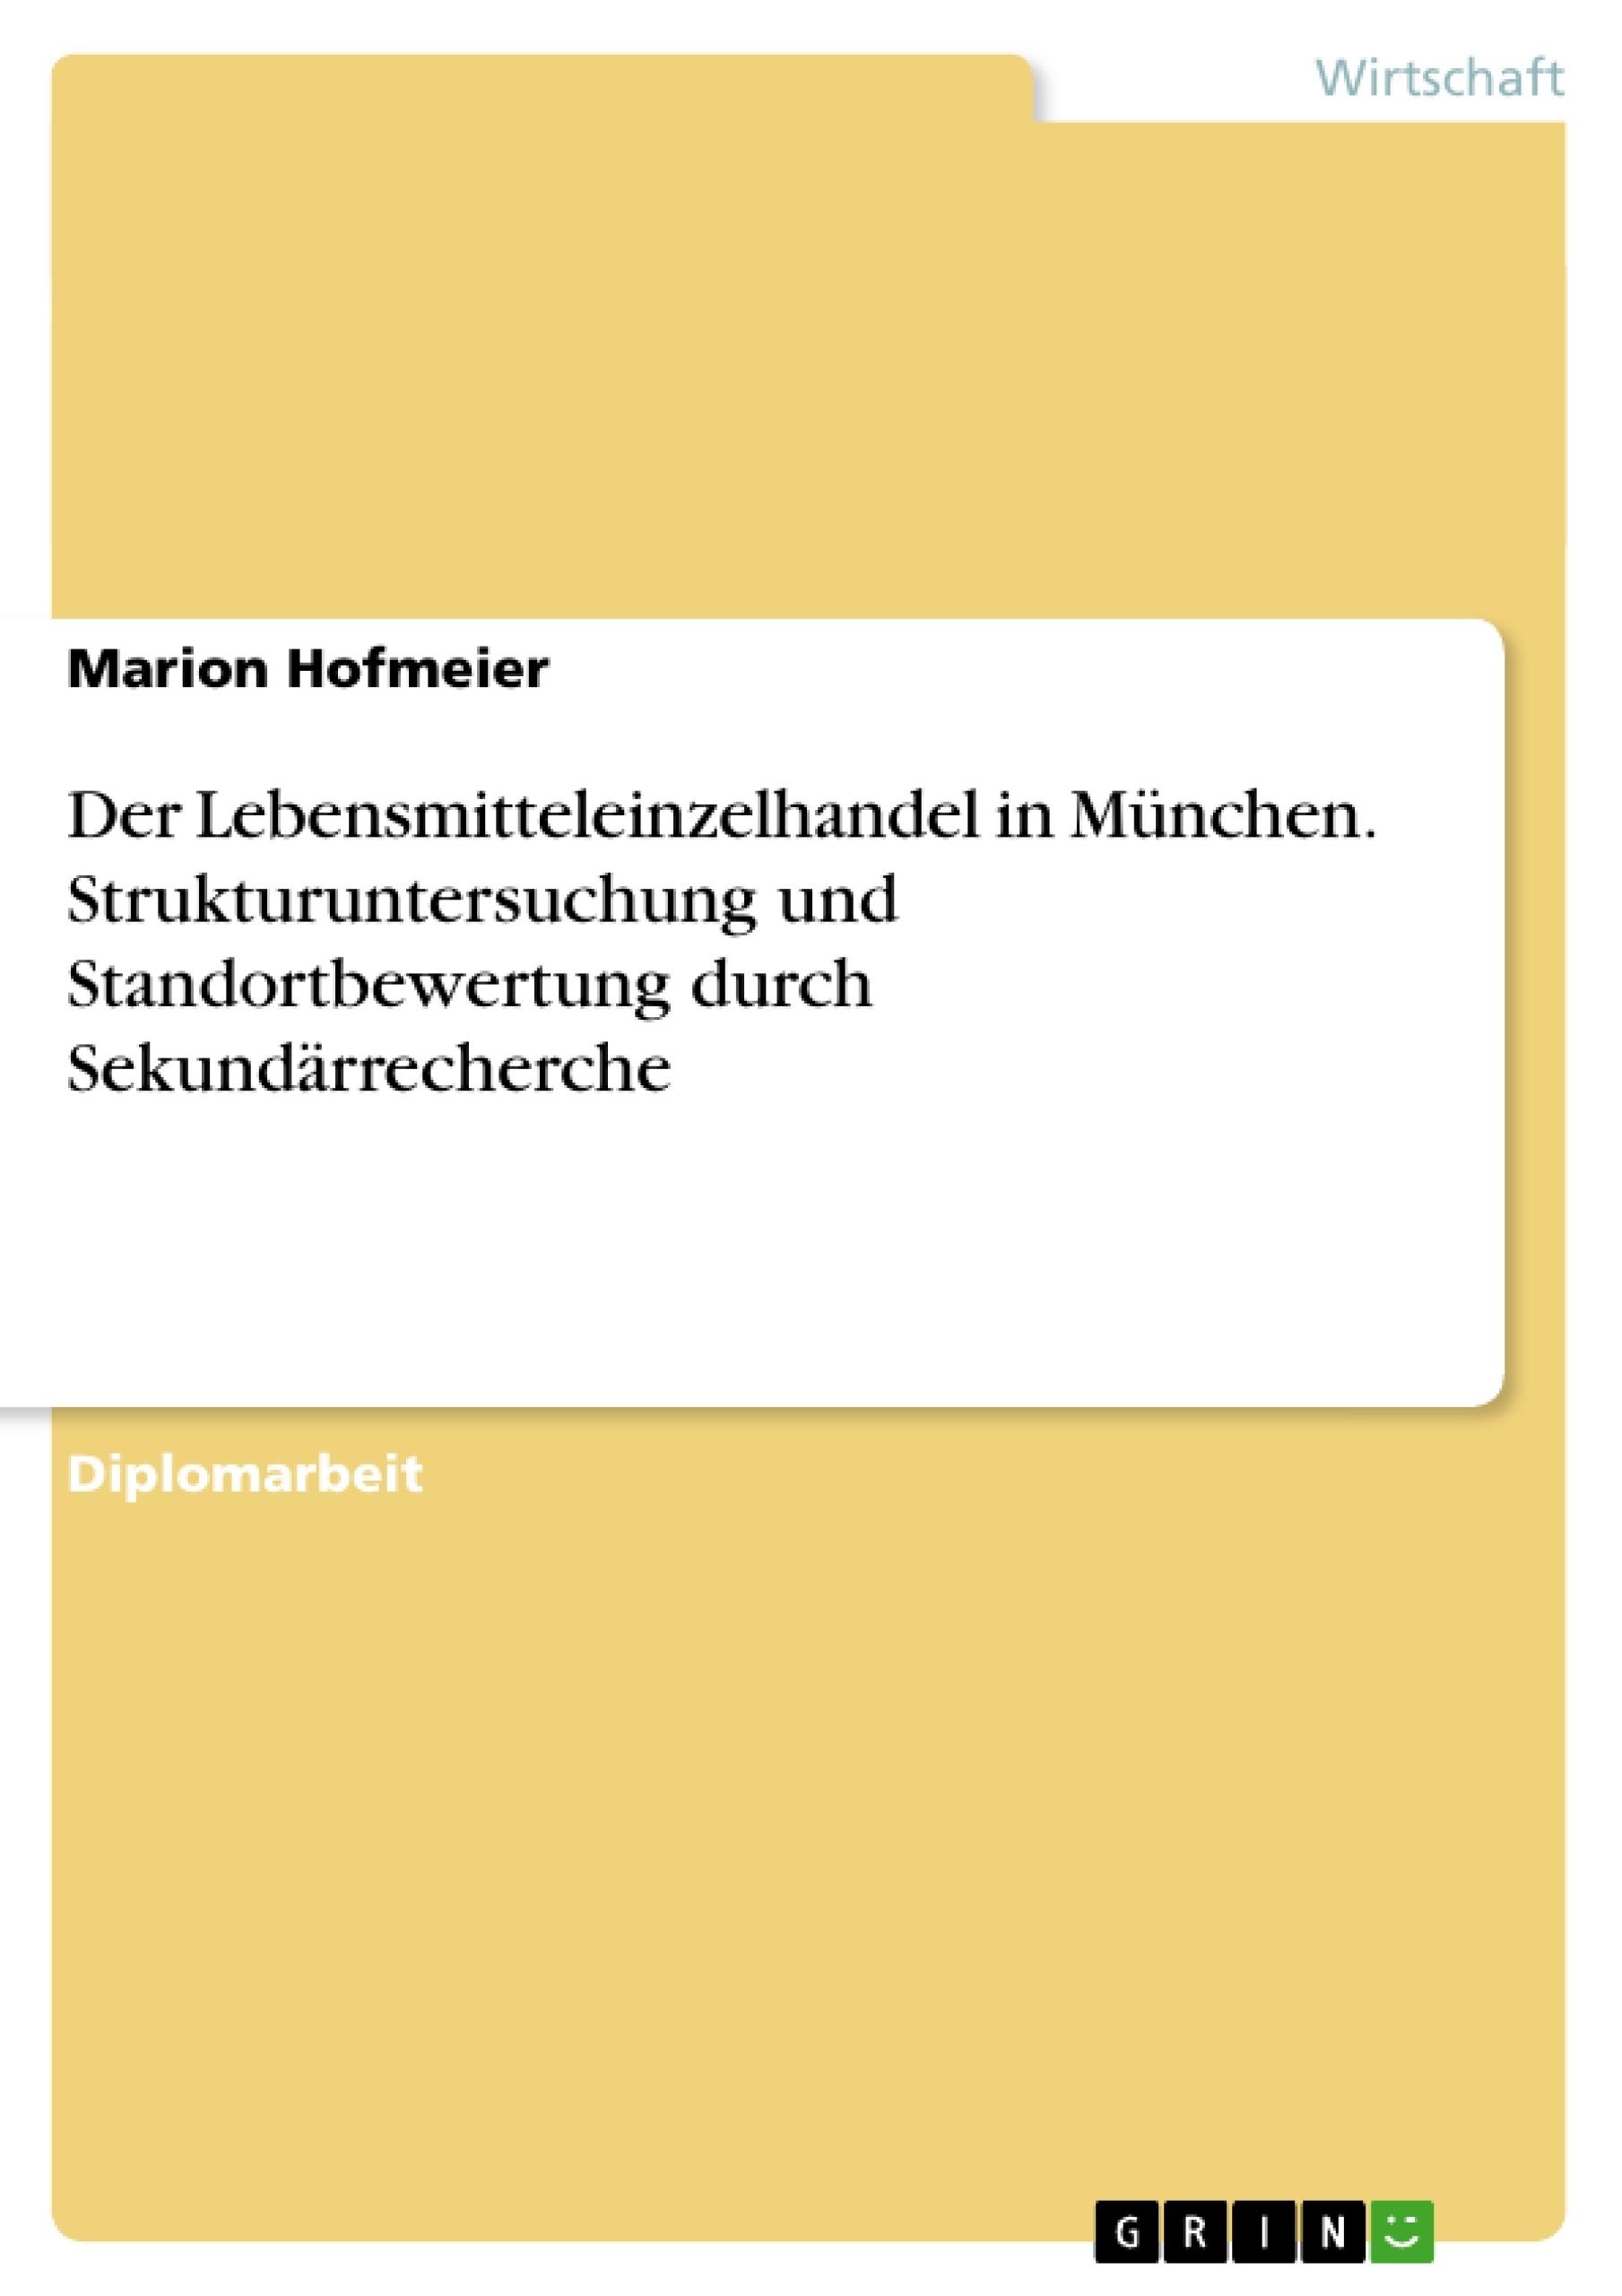 Titel: Der Lebensmitteleinzelhandel in München. Strukturuntersuchung und Standortbewertung durch Sekundärrecherche